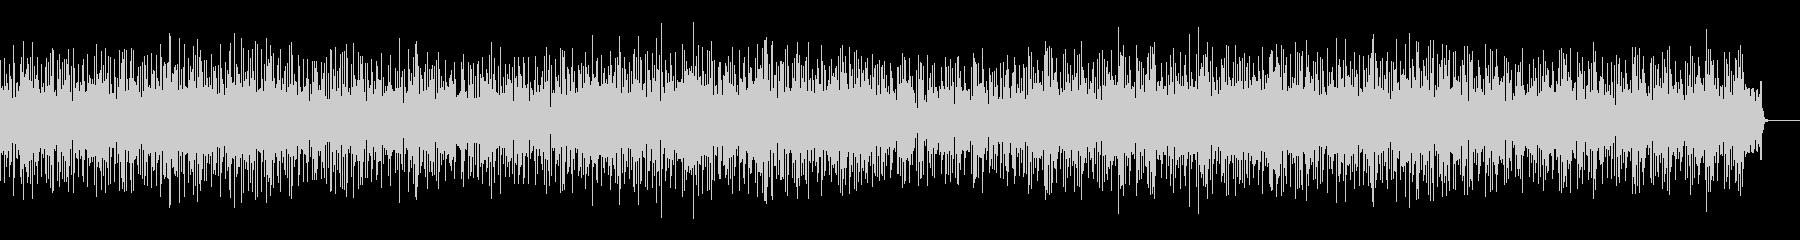 切ない系のテクノ/シンセウェーブの未再生の波形